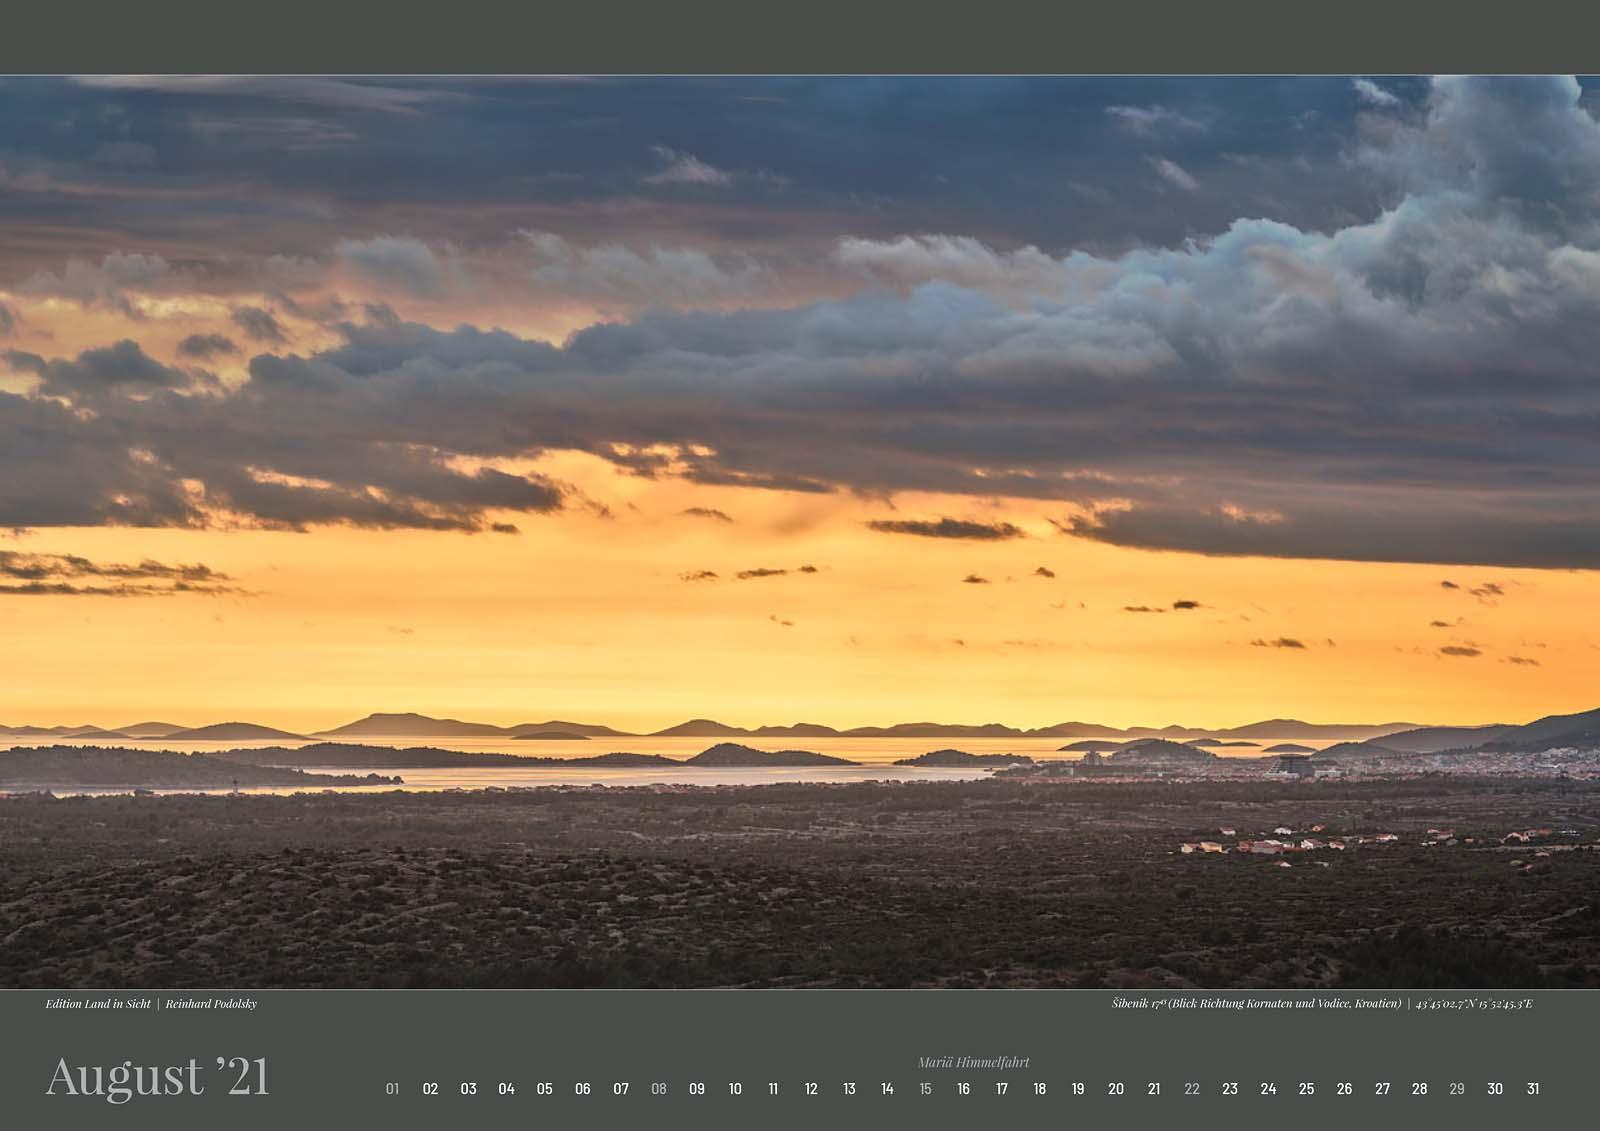 Fotokunst-Kalender